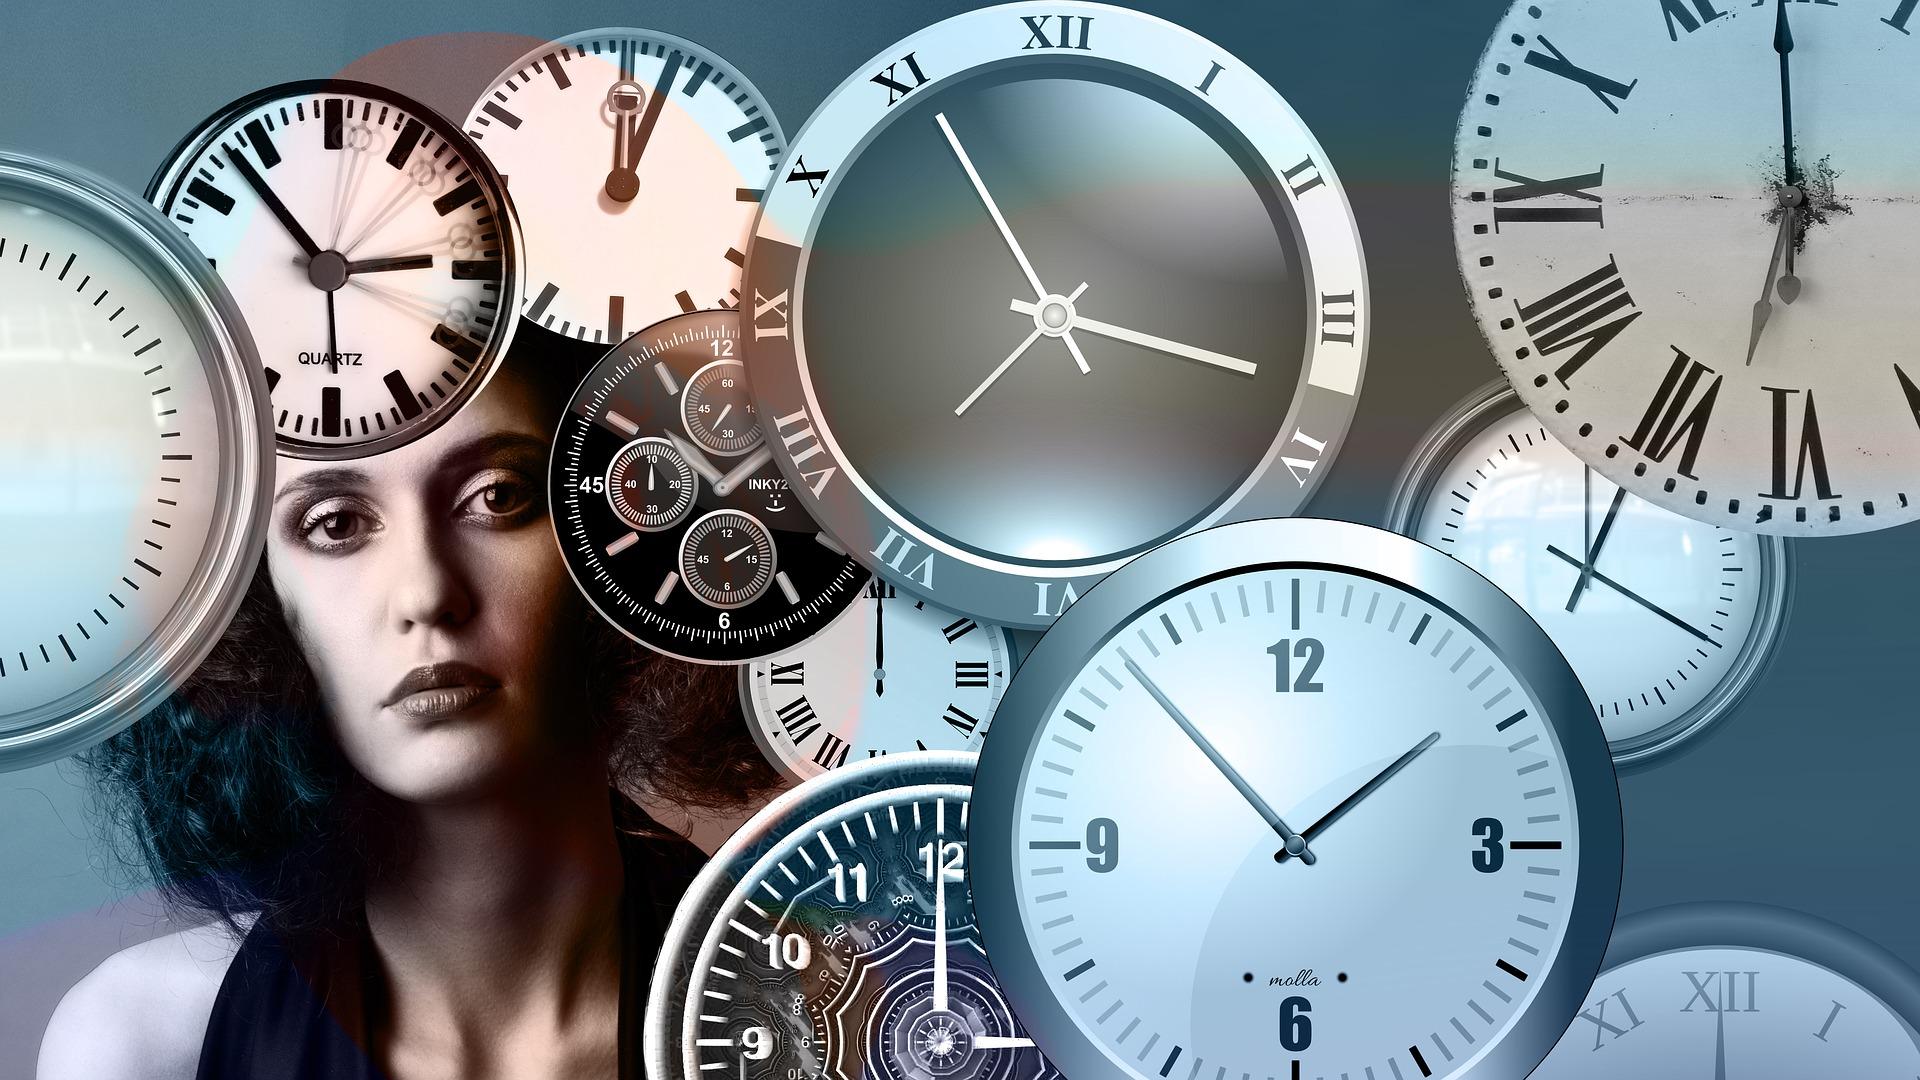 Kiedy zmienimy czas? Ile razy jeszcze? - Zdjęcie główne